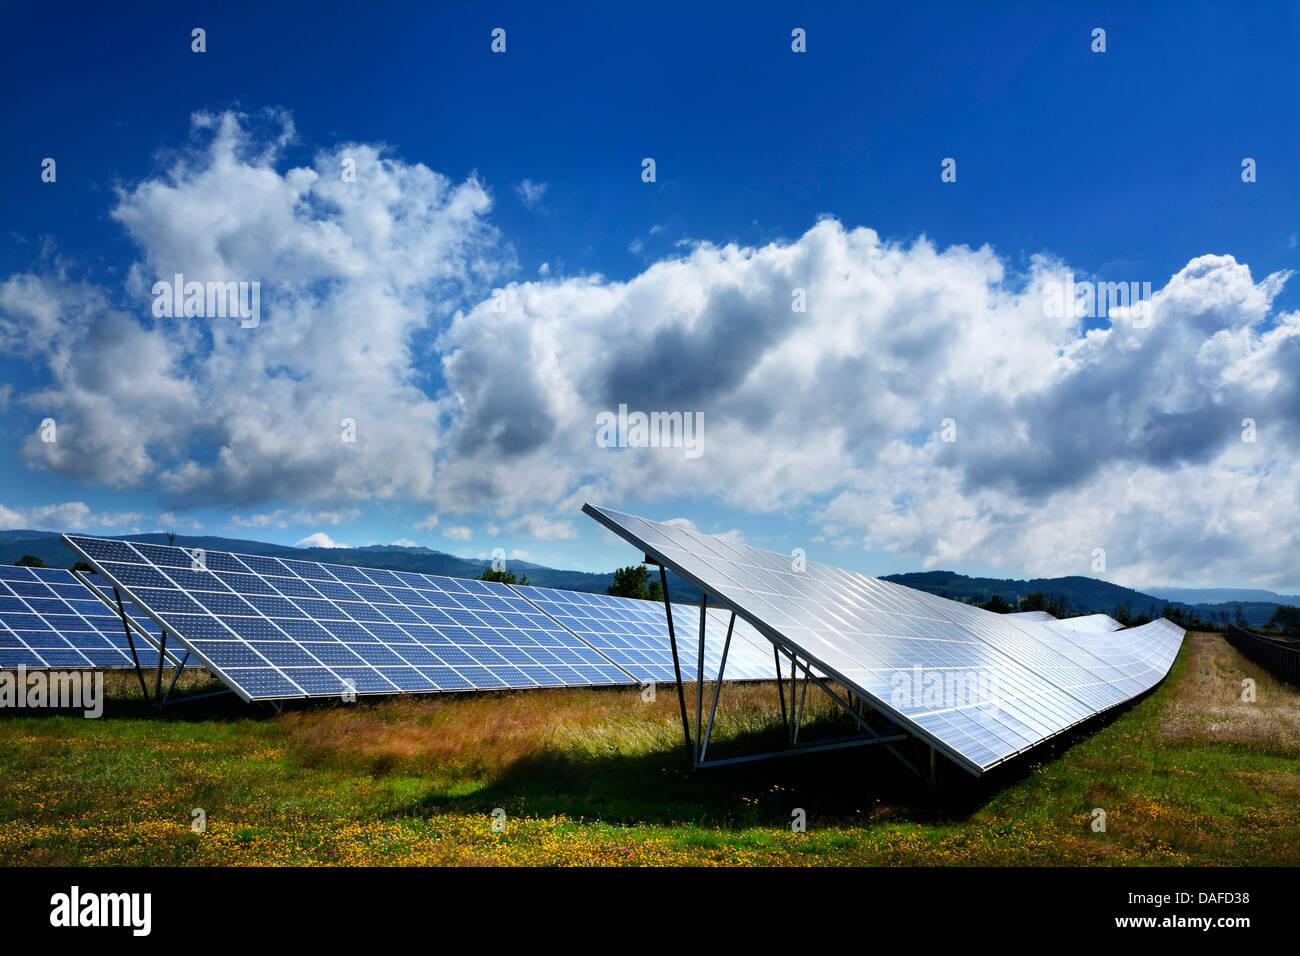 Ferme solaire avec des panneaux solaires dans un grand tableau. L'Auvergne. France Photo Stock